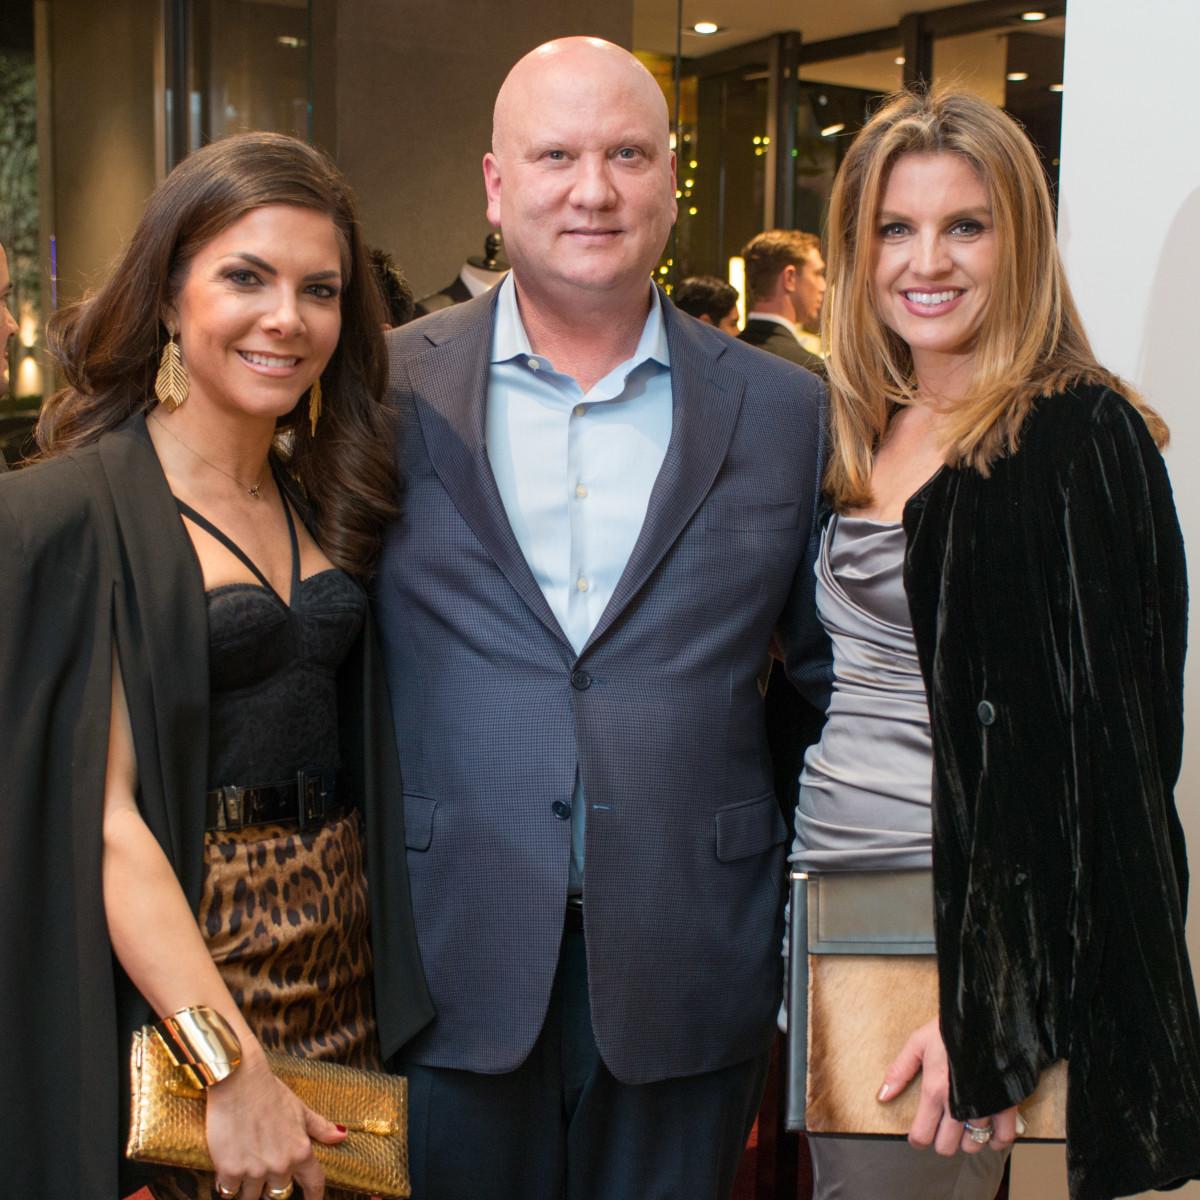 News, Shelby, Dolce & Gabbana dinner, Nov. 2015, Monica Blaisdell, John Blaisdell, Lindley Arnoldy